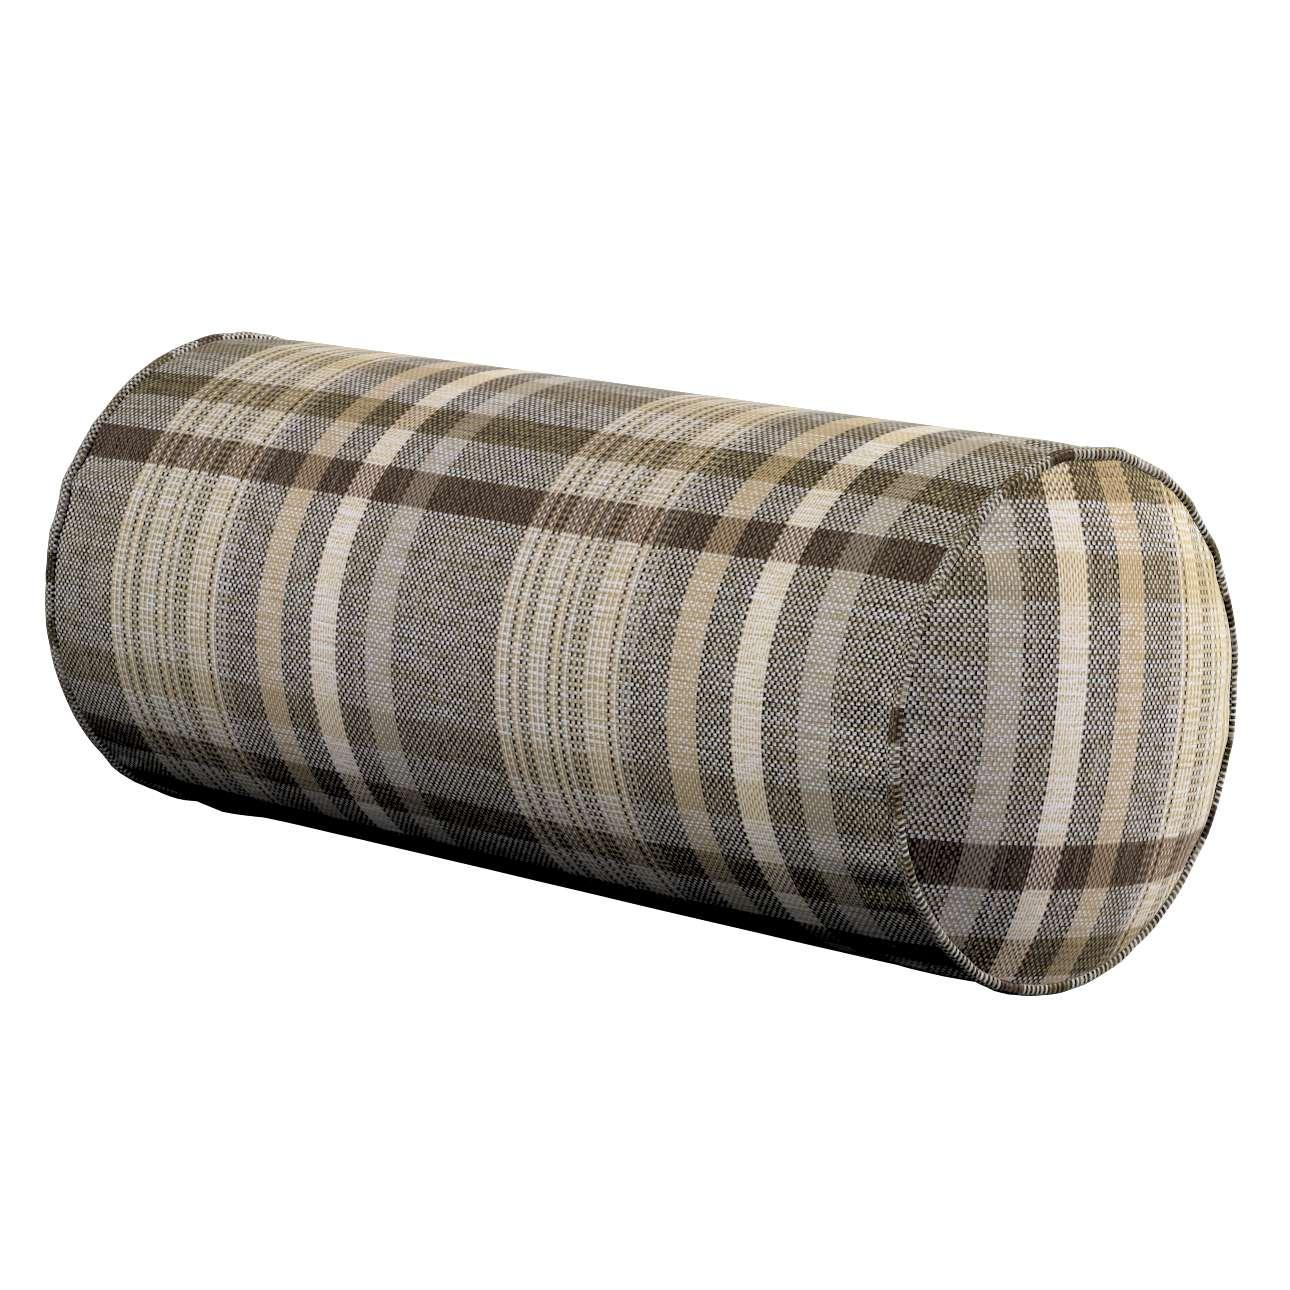 Poduszka wałek prosty w kolekcji Edinburgh, tkanina: 703-17